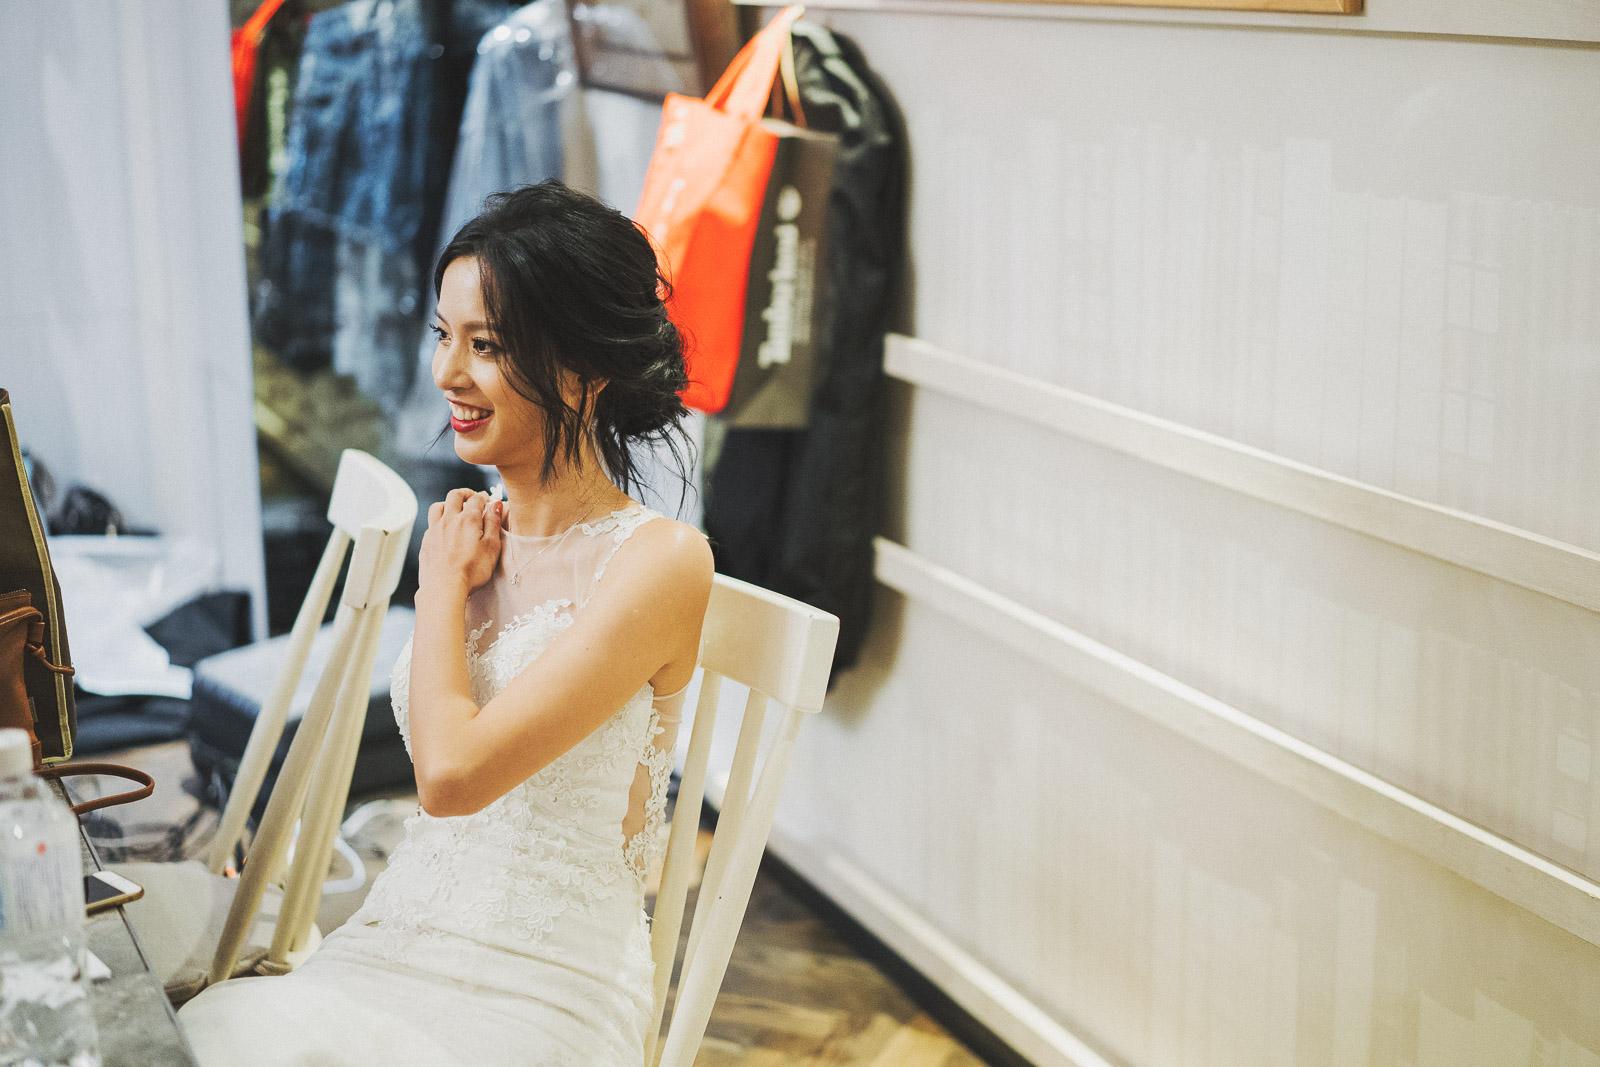 當天的慧明穿著一席合身輕便的白紗,沒有忙著在新娘房梳妝,而是很放鬆的享受這場婚禮並沈浸在祝福之中。